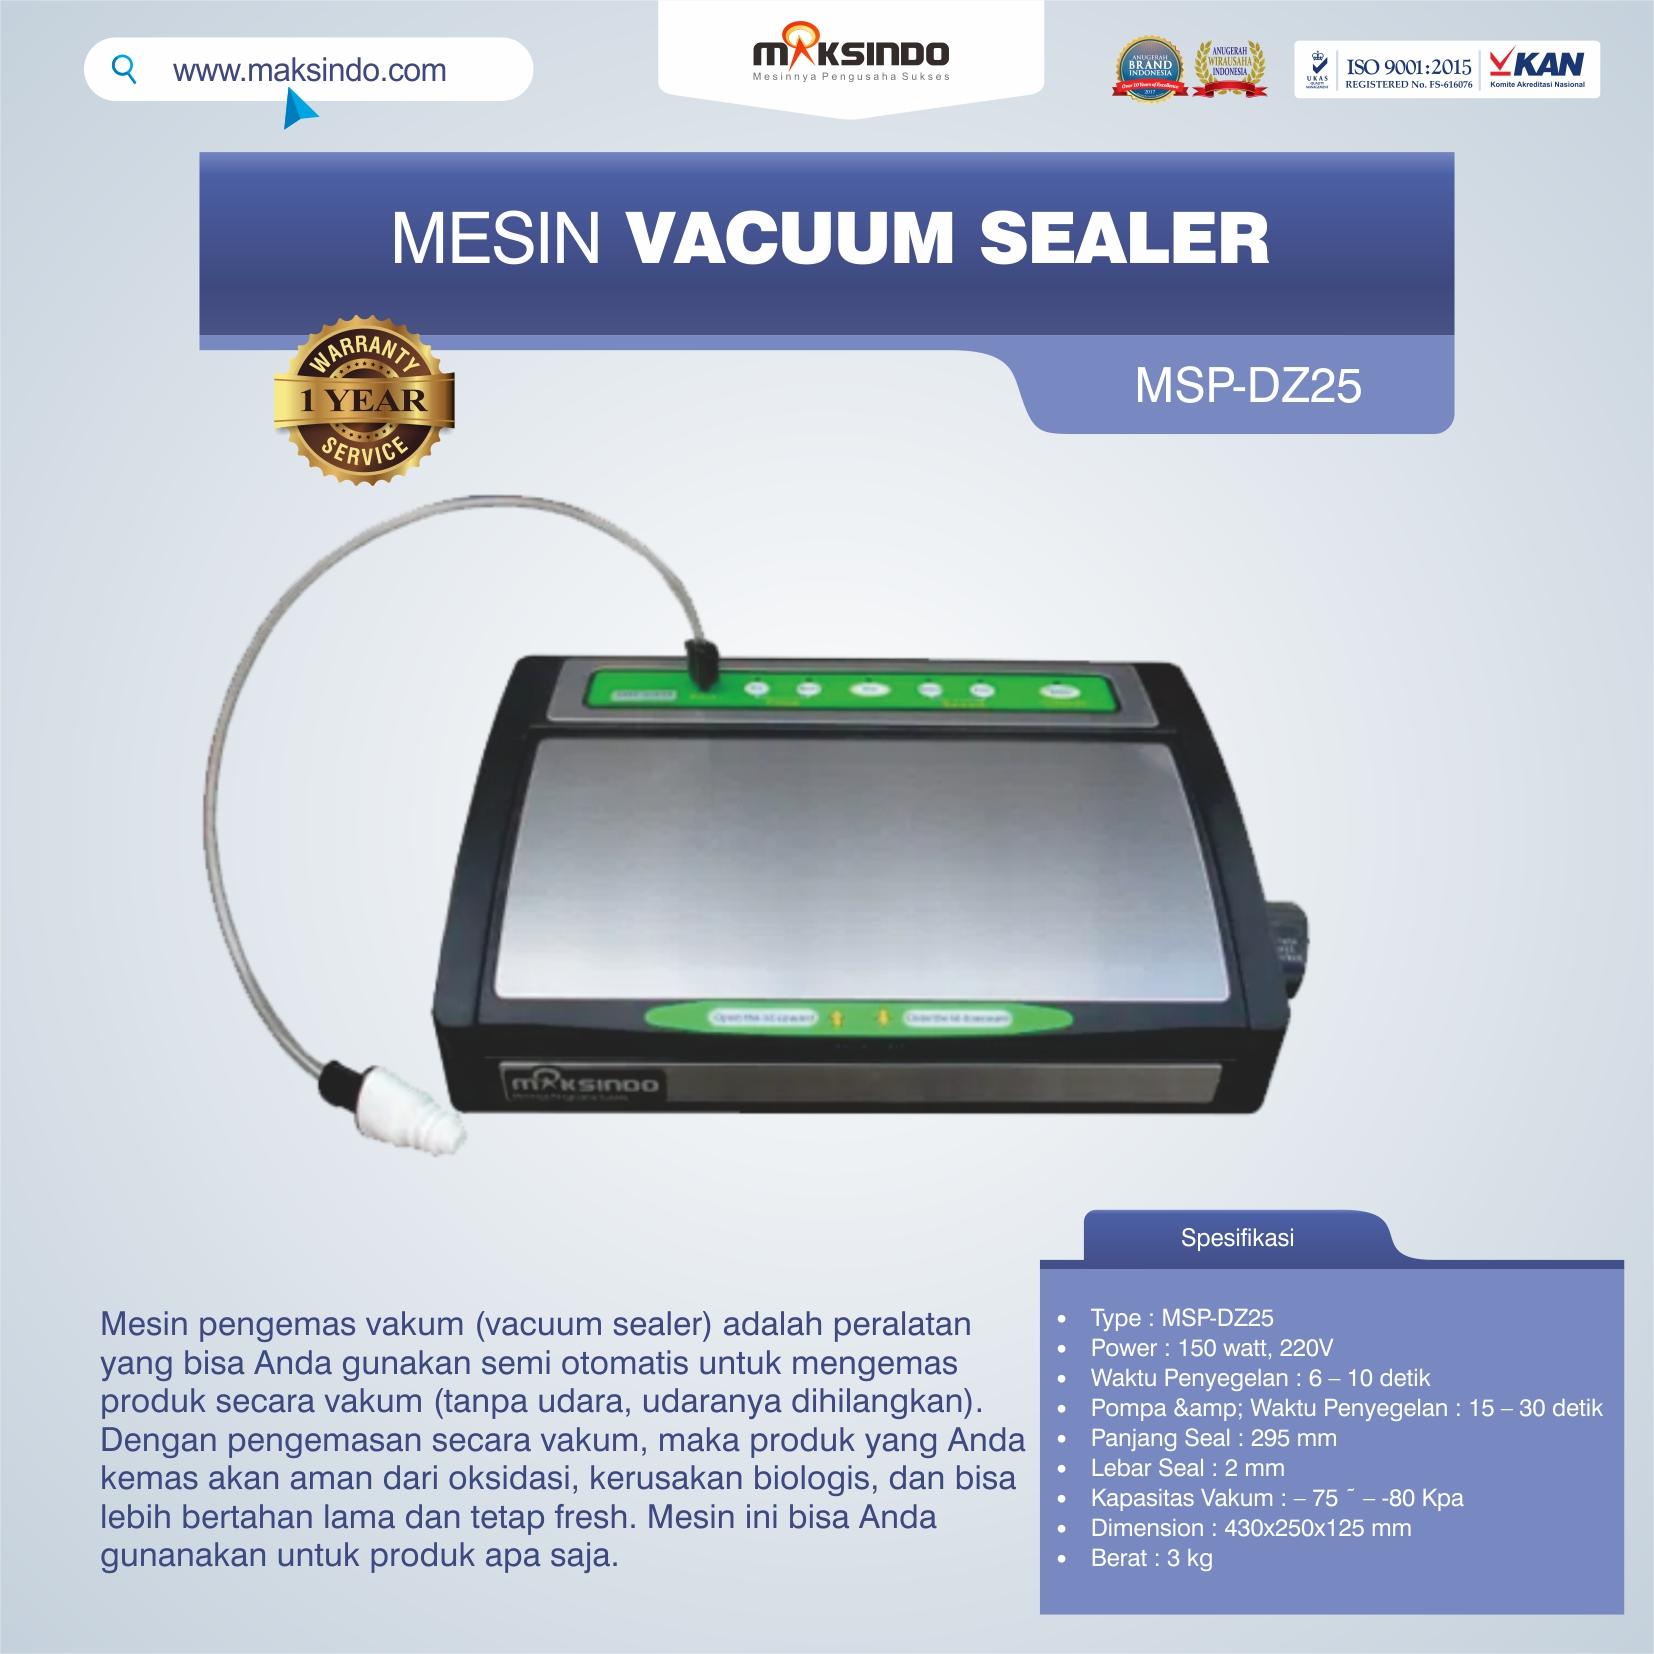 Jual Vacuum Sealer MSP-DZ25 di Banjarmasin